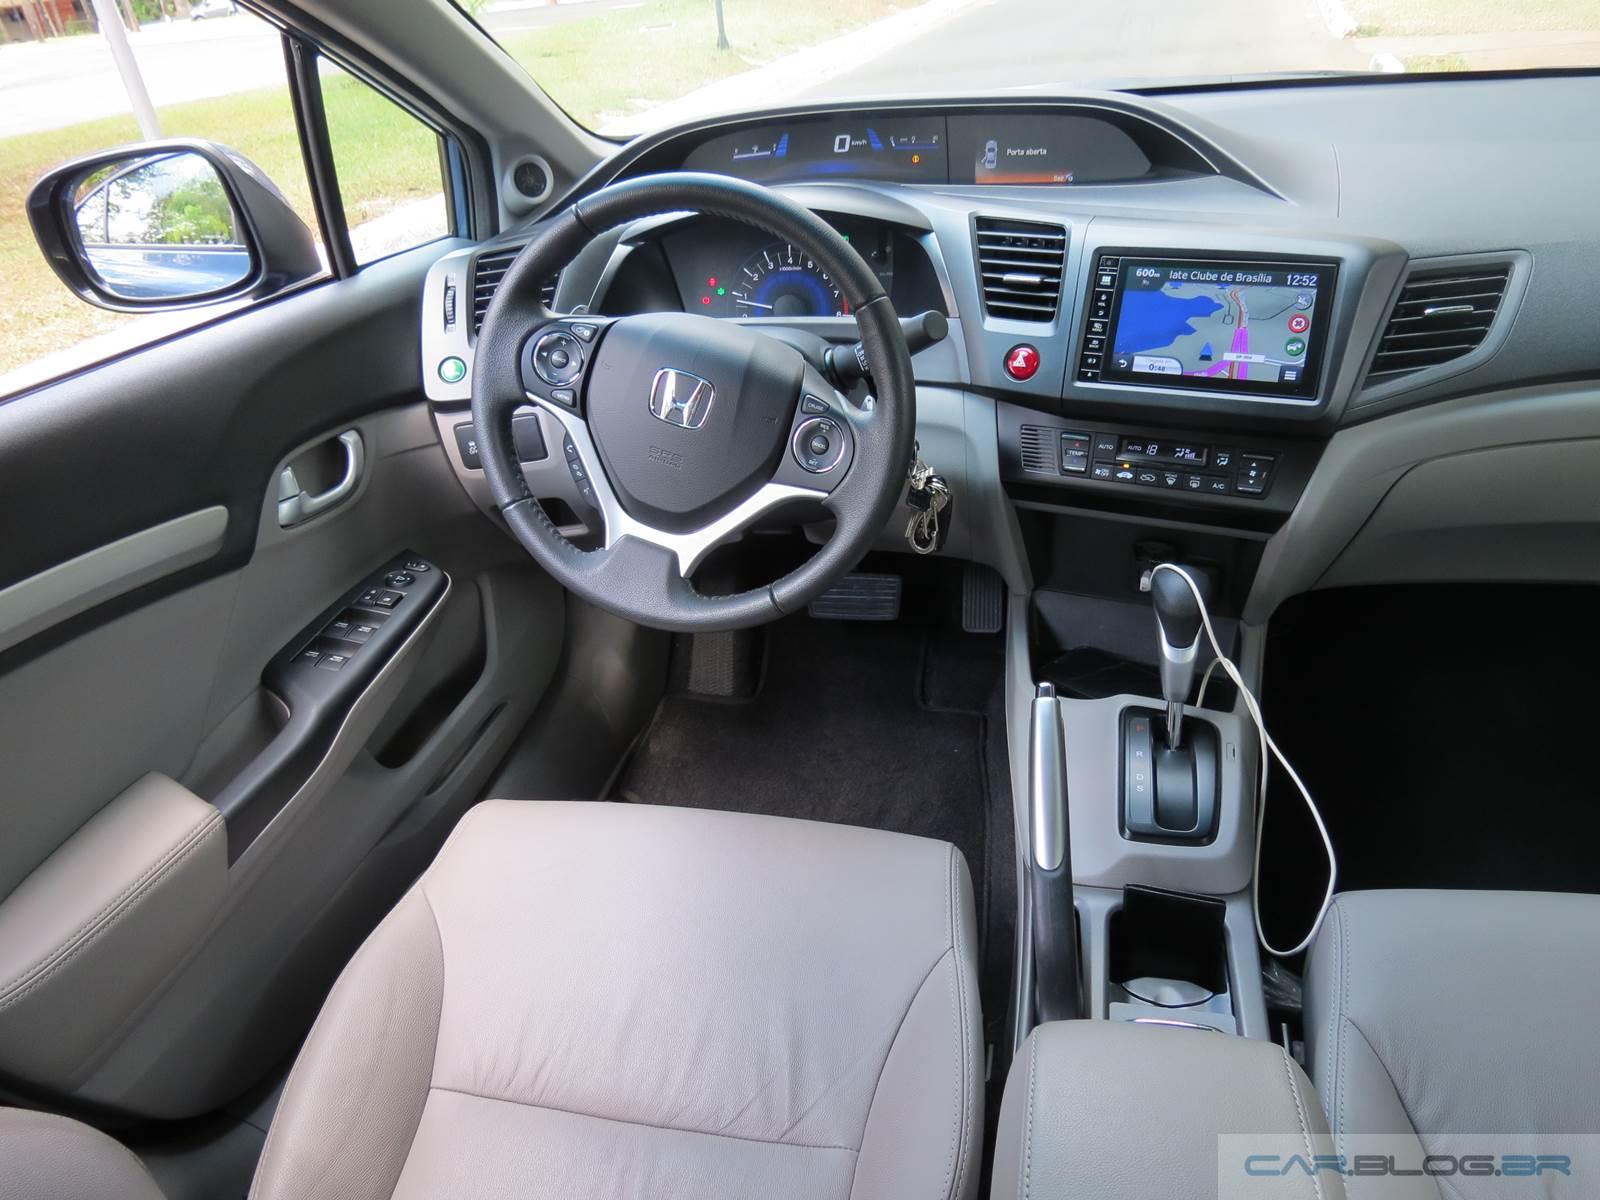 Honda Civic EXR 2.0 - interior - painel